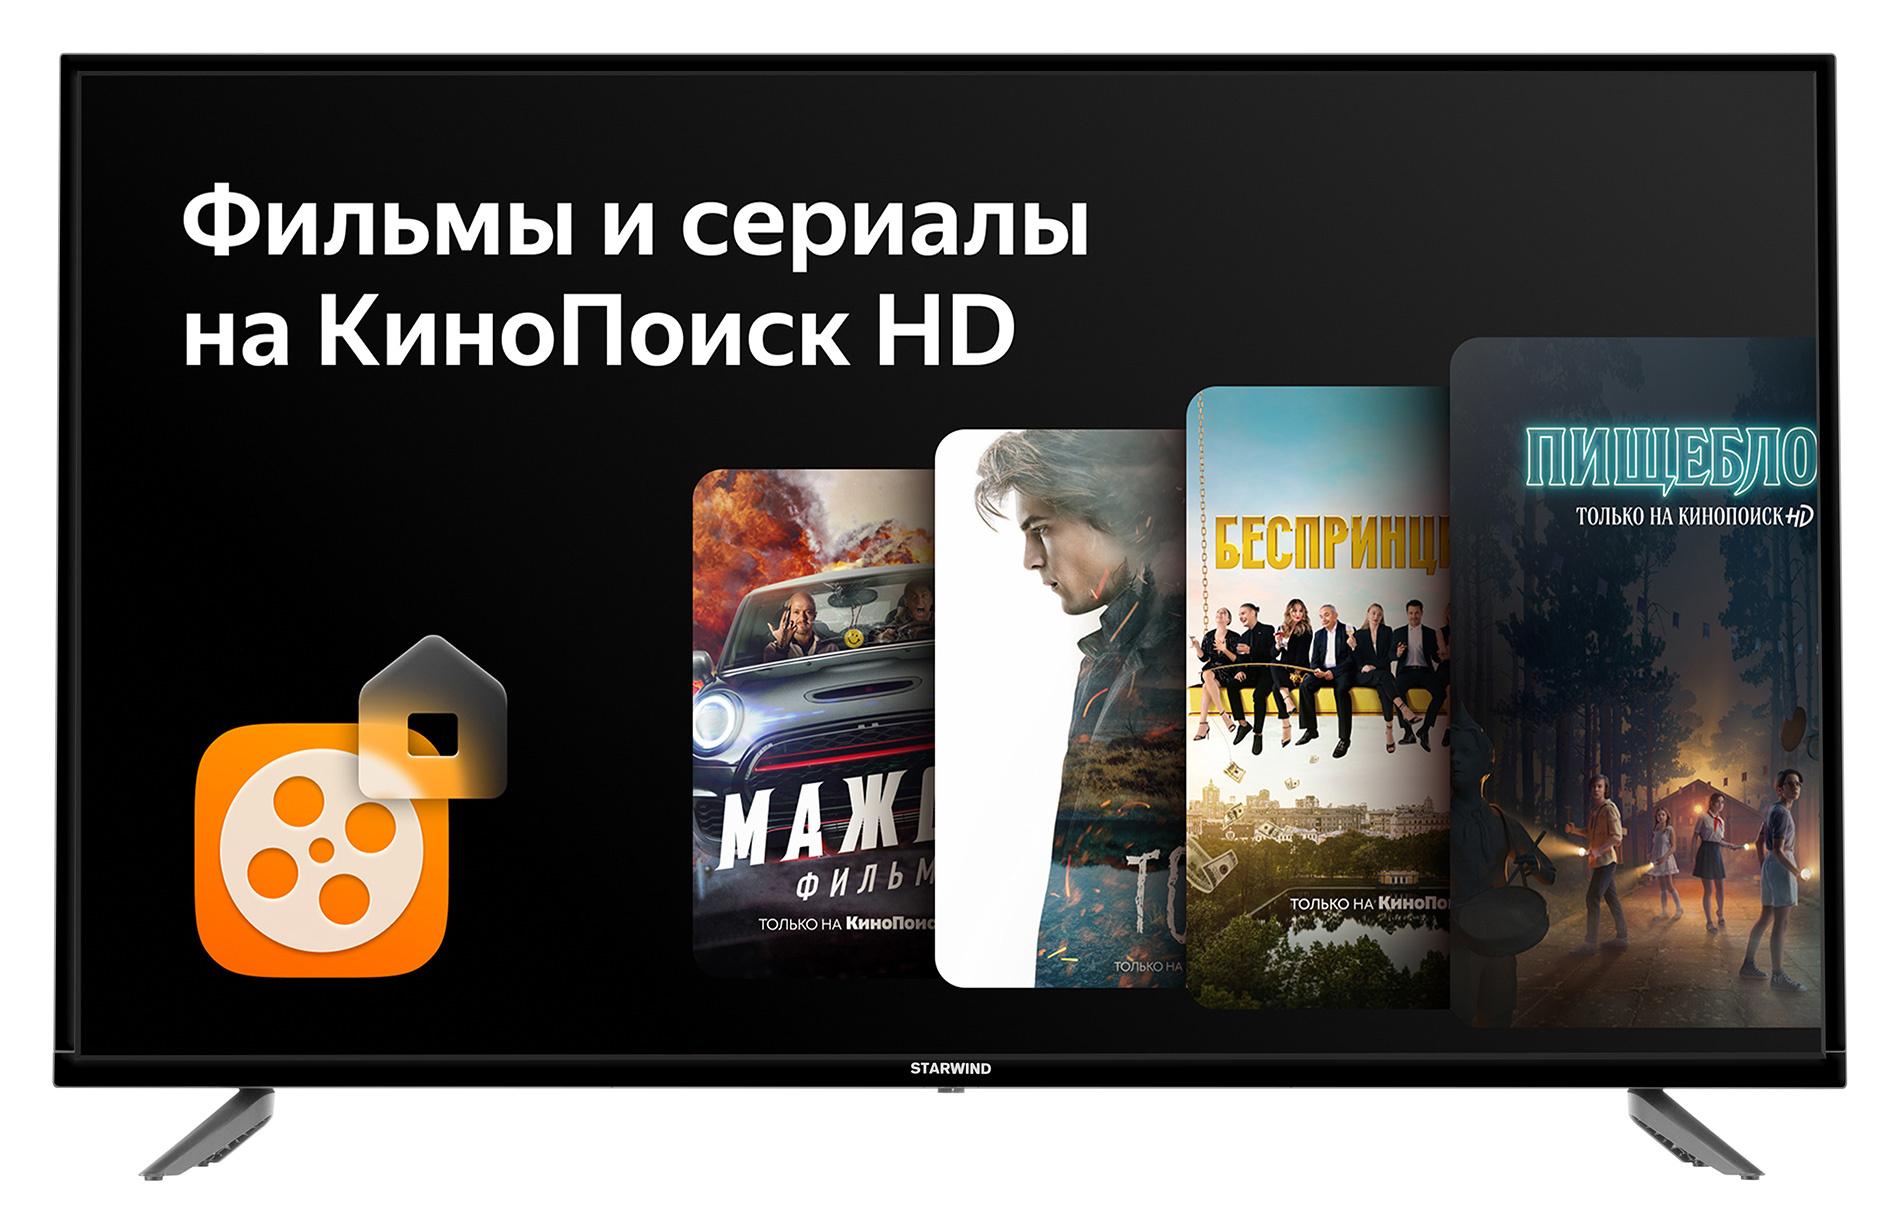 https://images.merlion.ru/145/1451705/1451705_v02_b.jpg